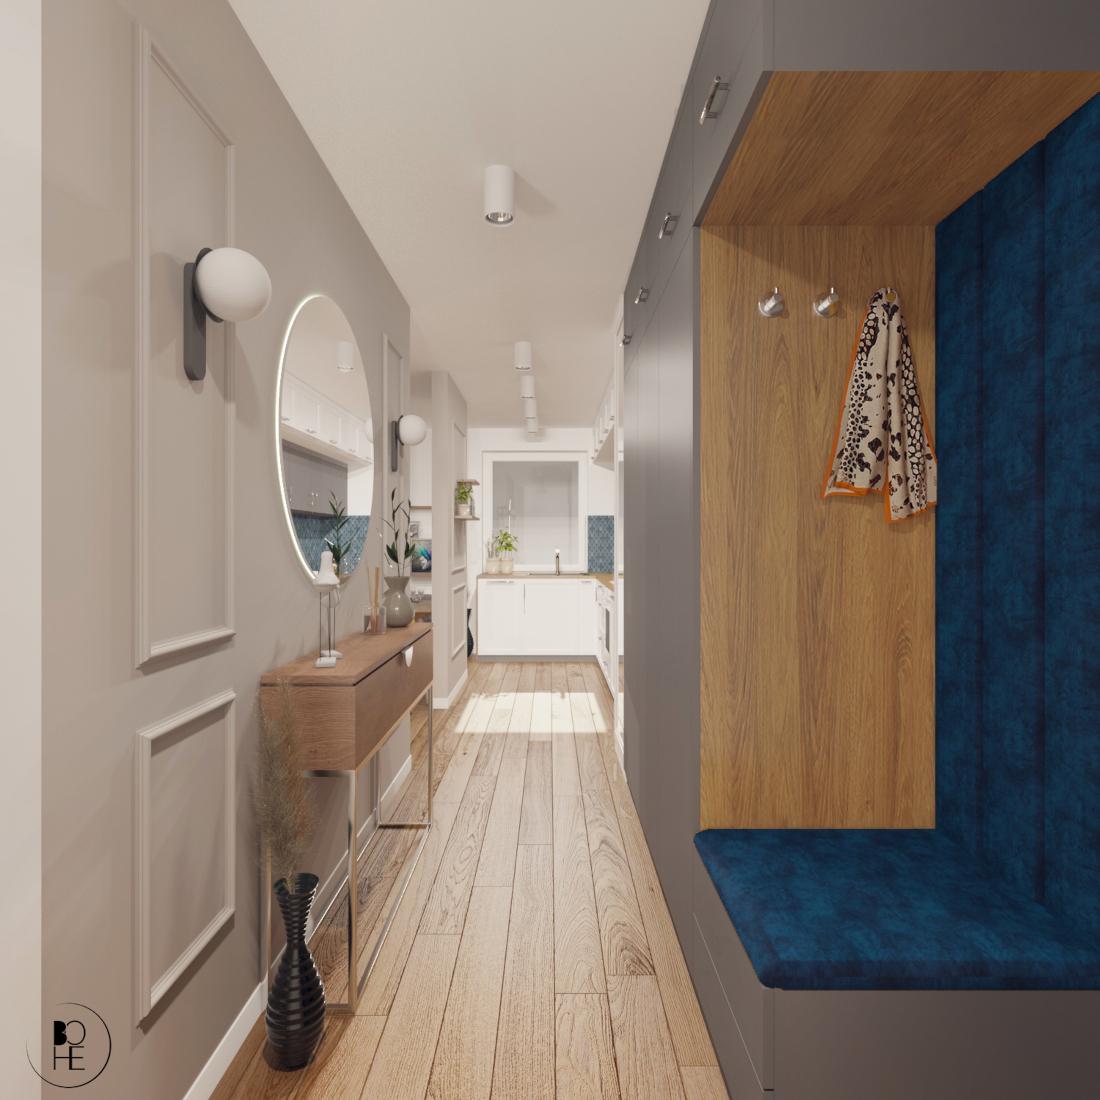 biuro projektowe białystok projekt korytarza